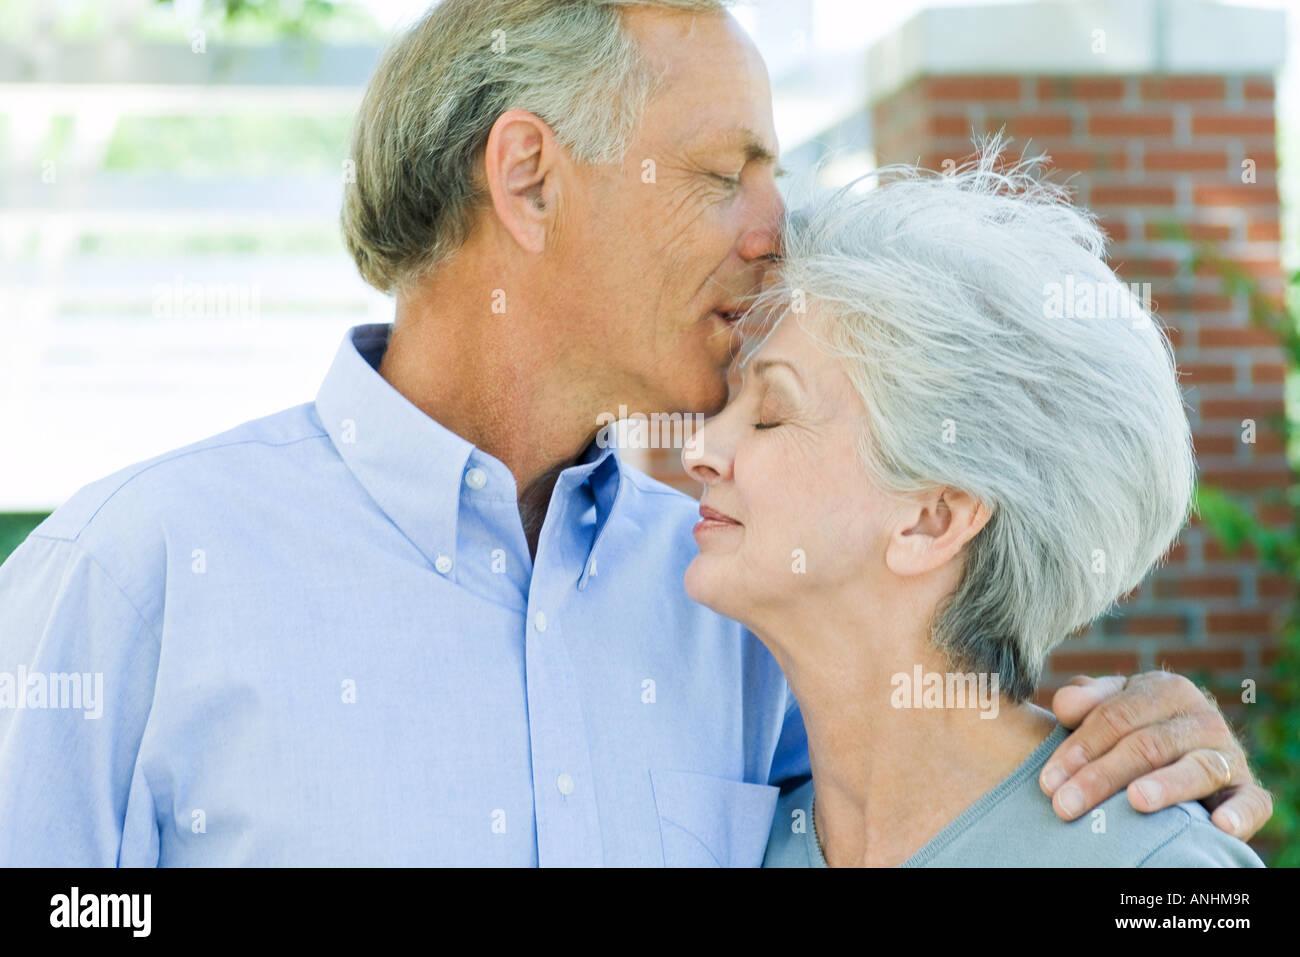 Reifer Mann küsst Frau Stirn, Seitenansicht Stockbild